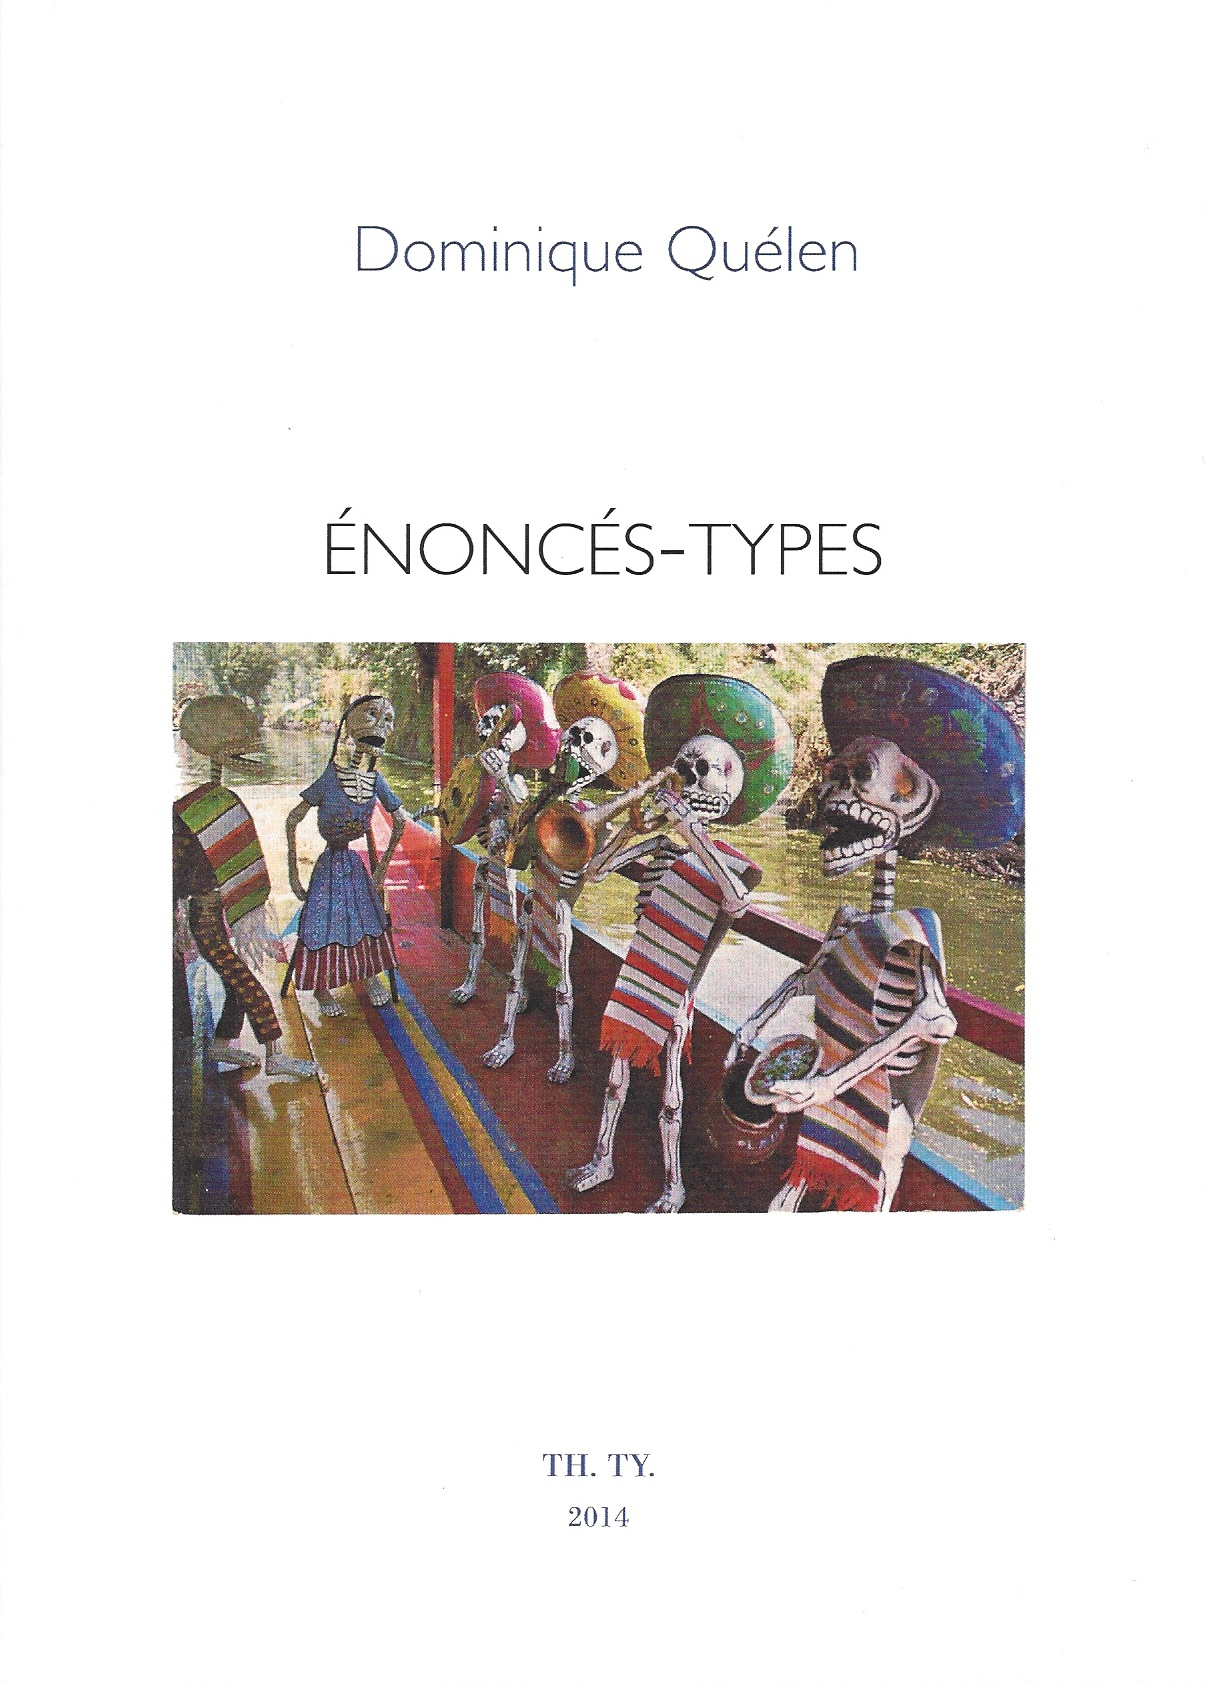 D Quélen_Enoncés types